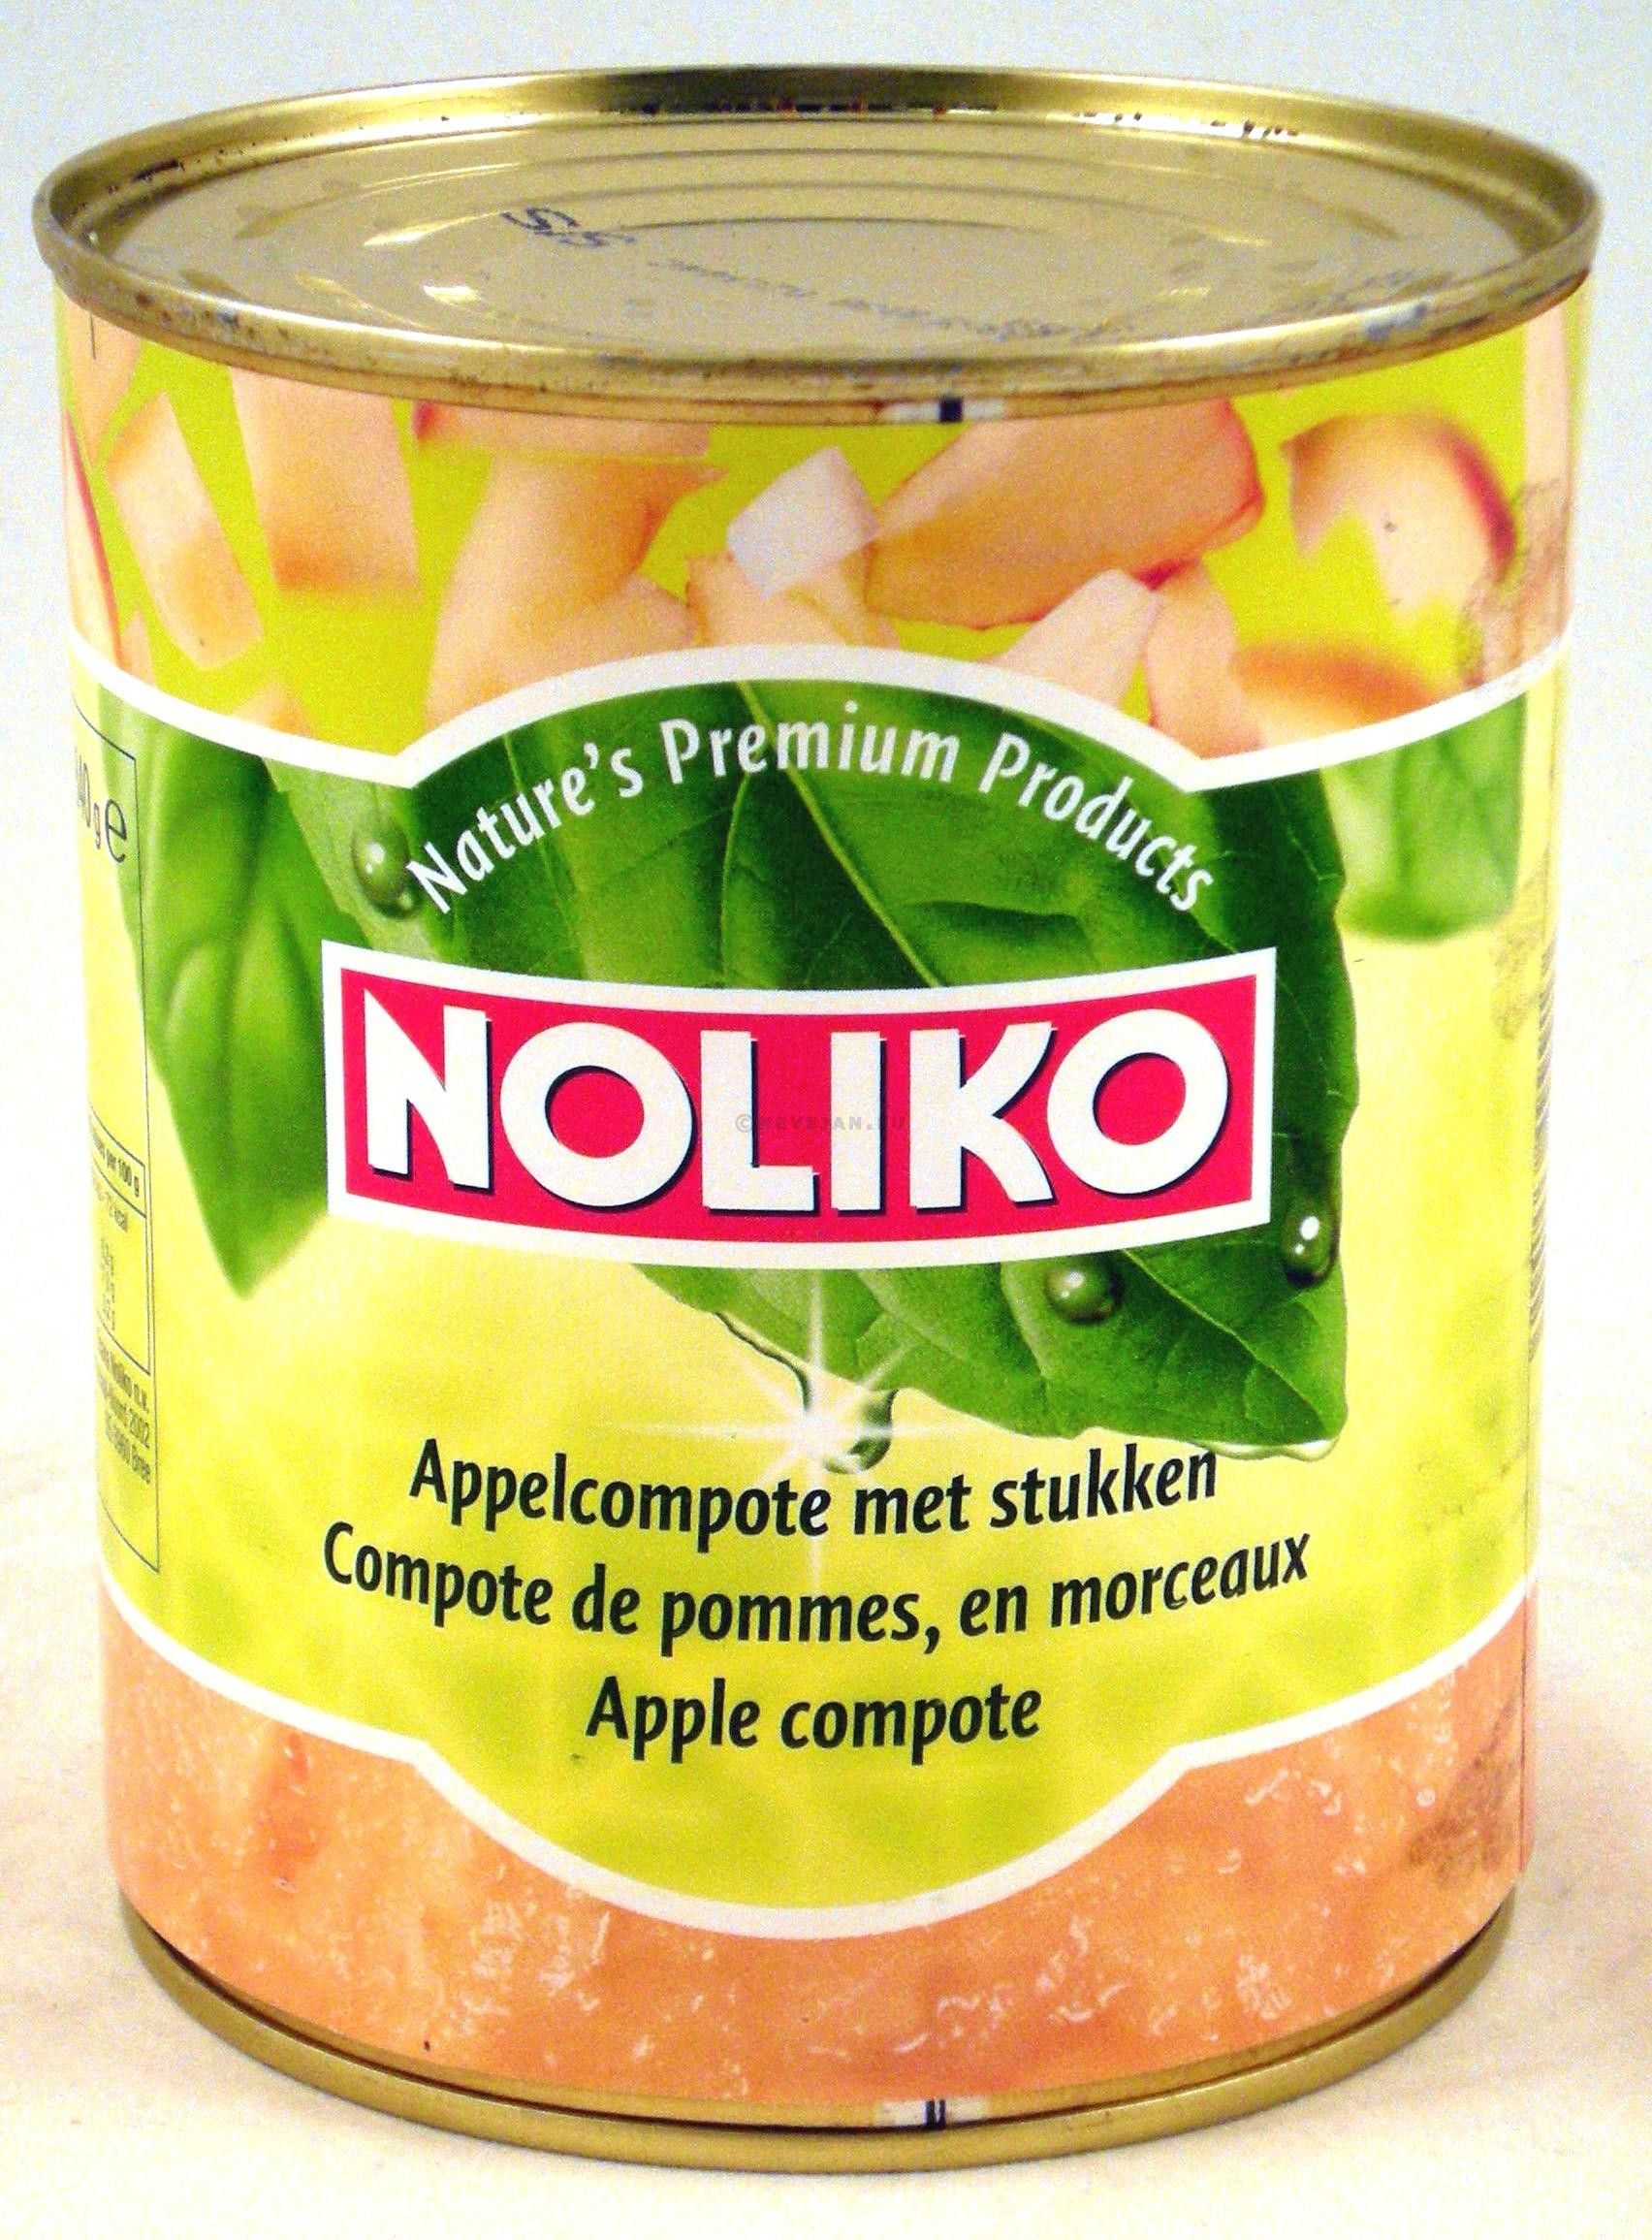 Appelmoes compote met stukken 1L Noliko